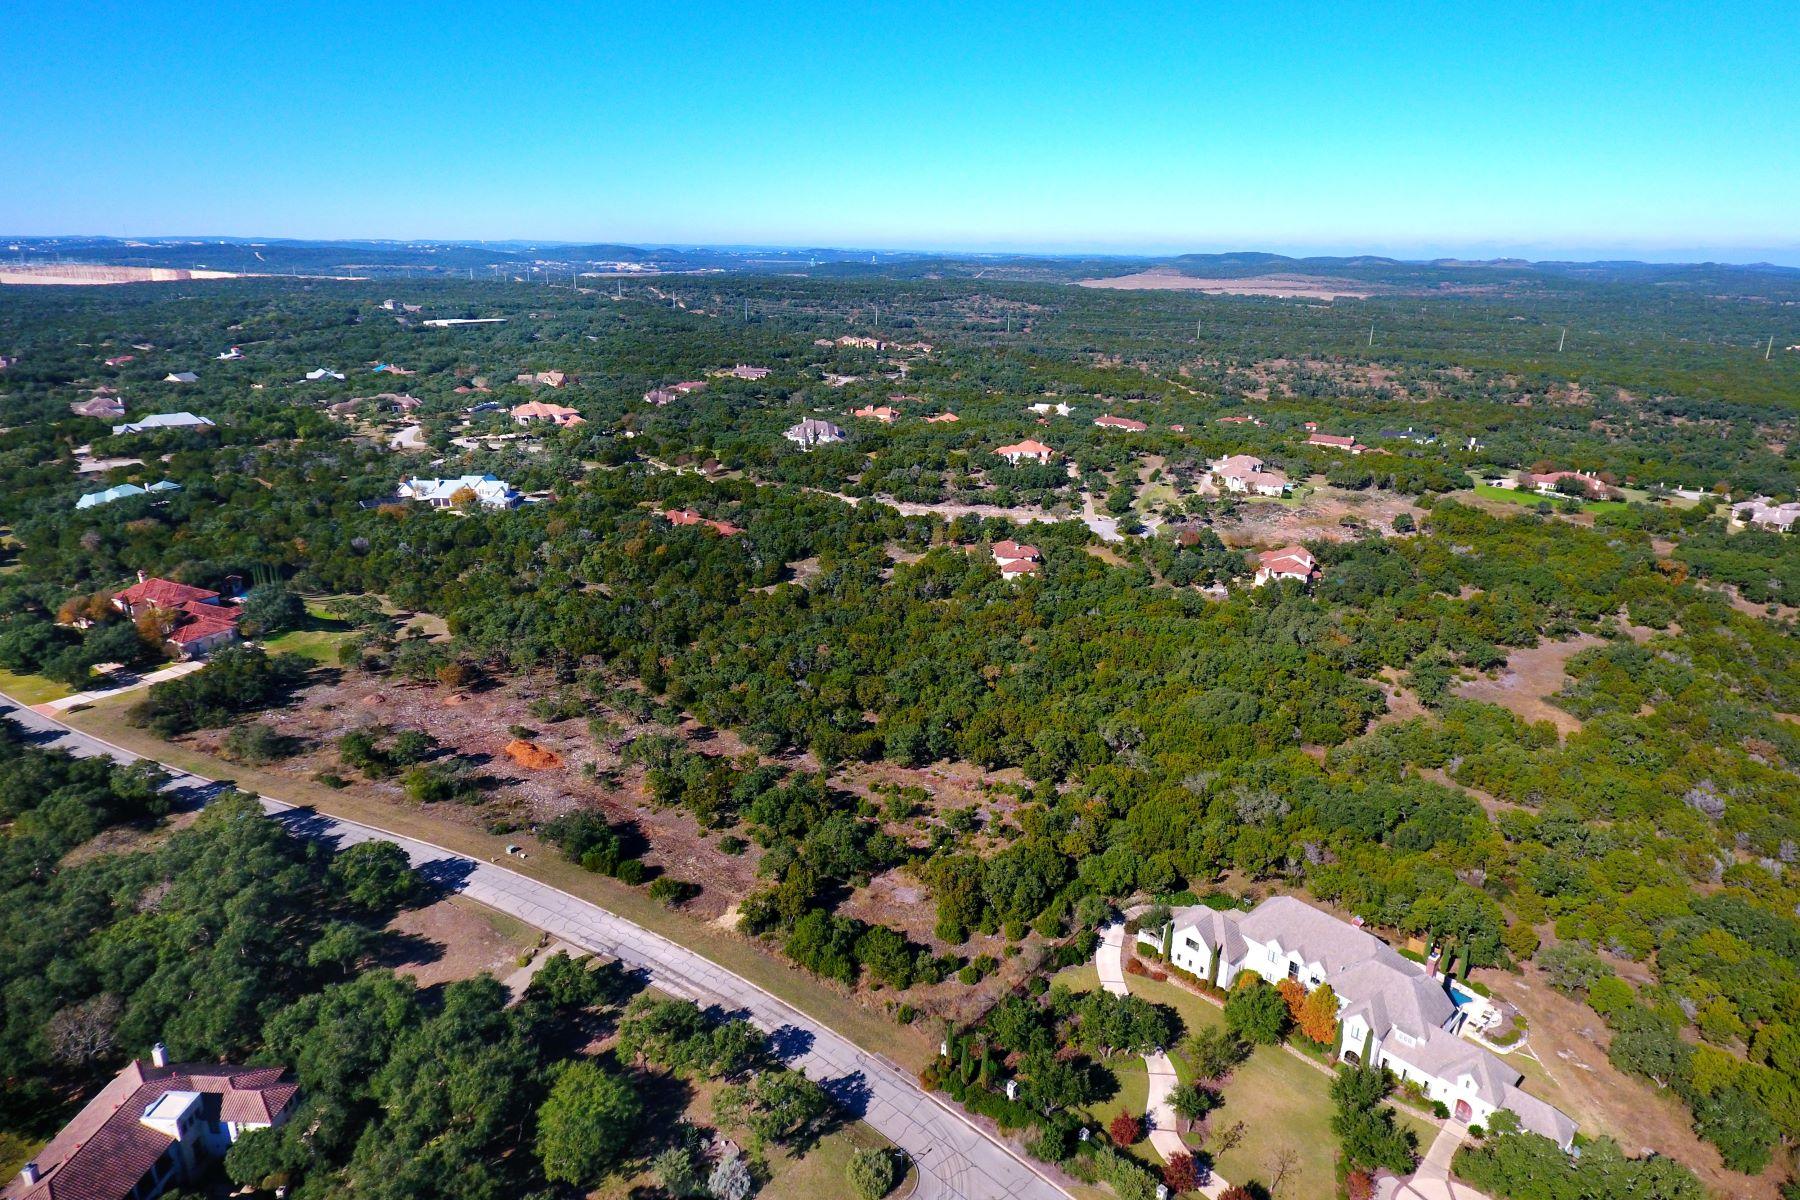 1603 Greystone Ridge, San Antonio, TX 78258 1603 Greystone Ridge San Antonio, Texas 78258 Estados Unidos